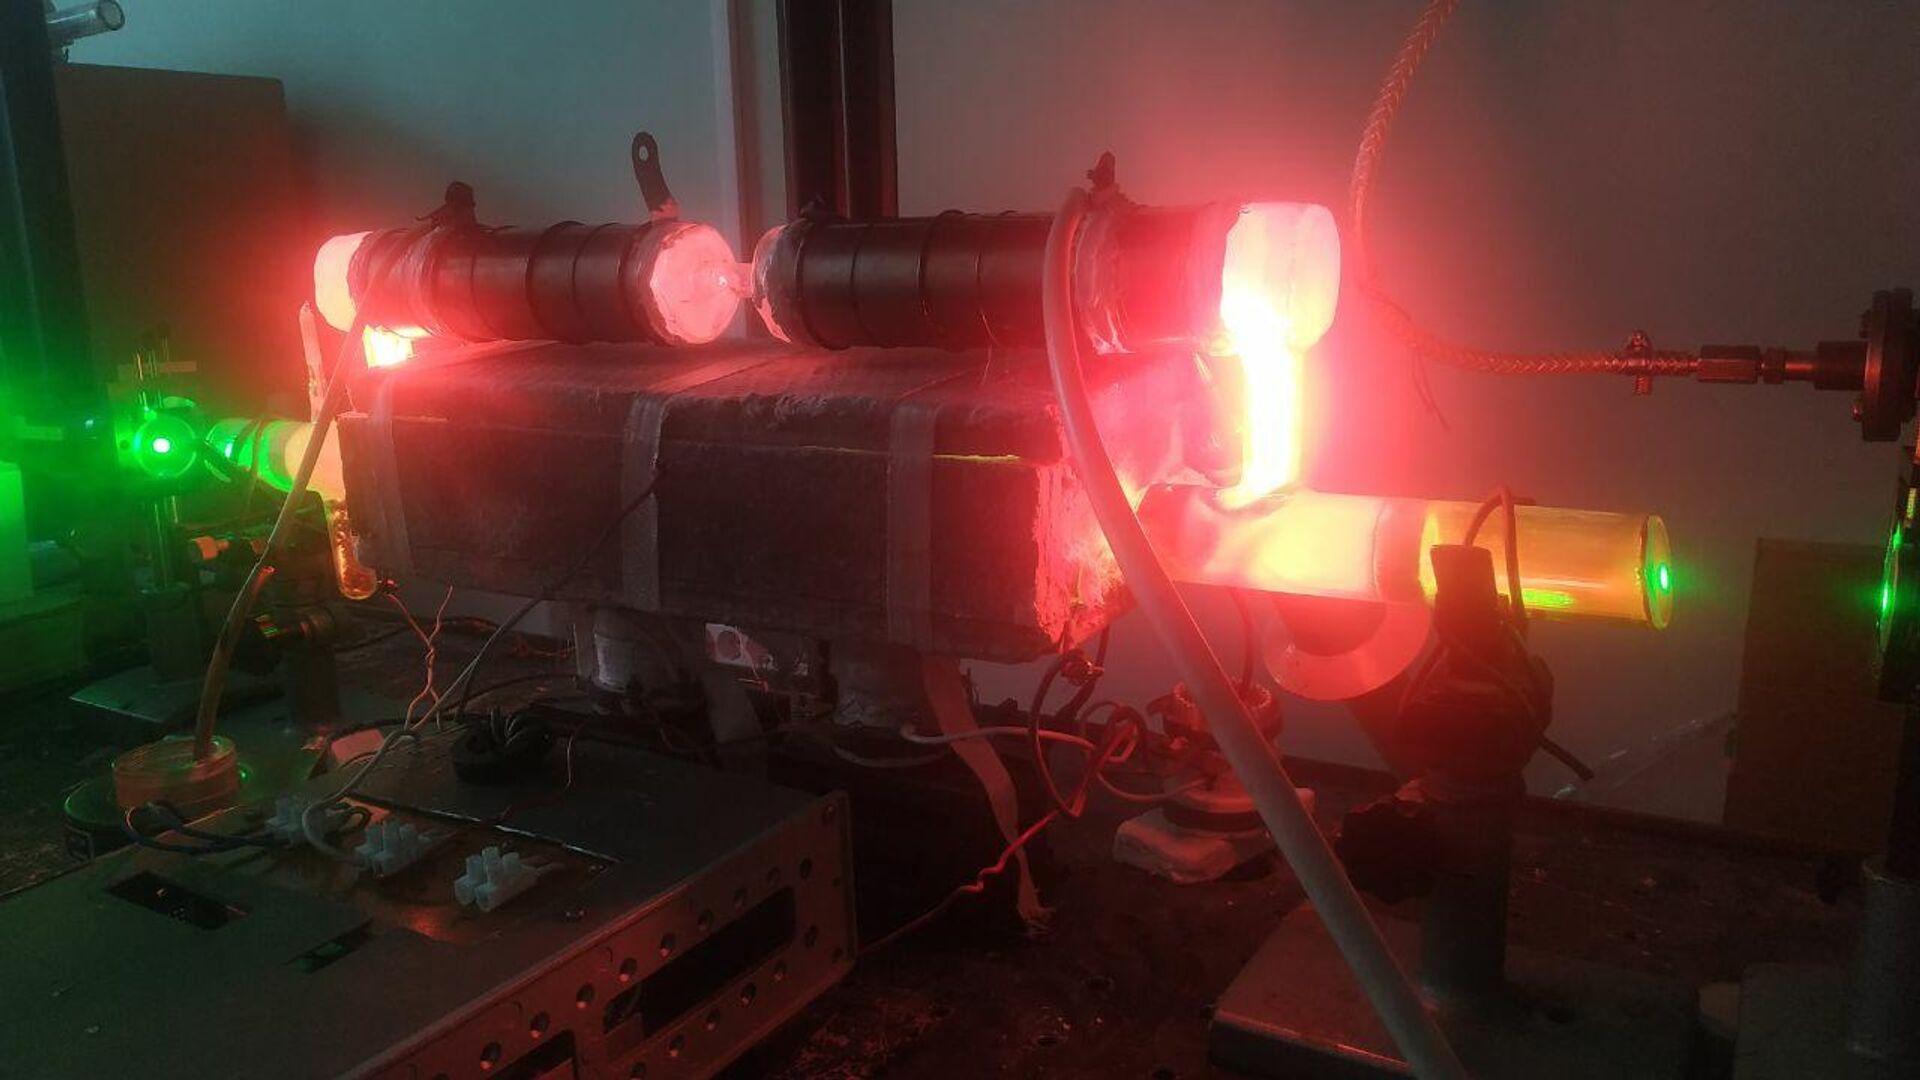 Высокочастотный усилитель оптических сигналов, разработанный учеными - РИА Новости, 1920, 09.12.2020